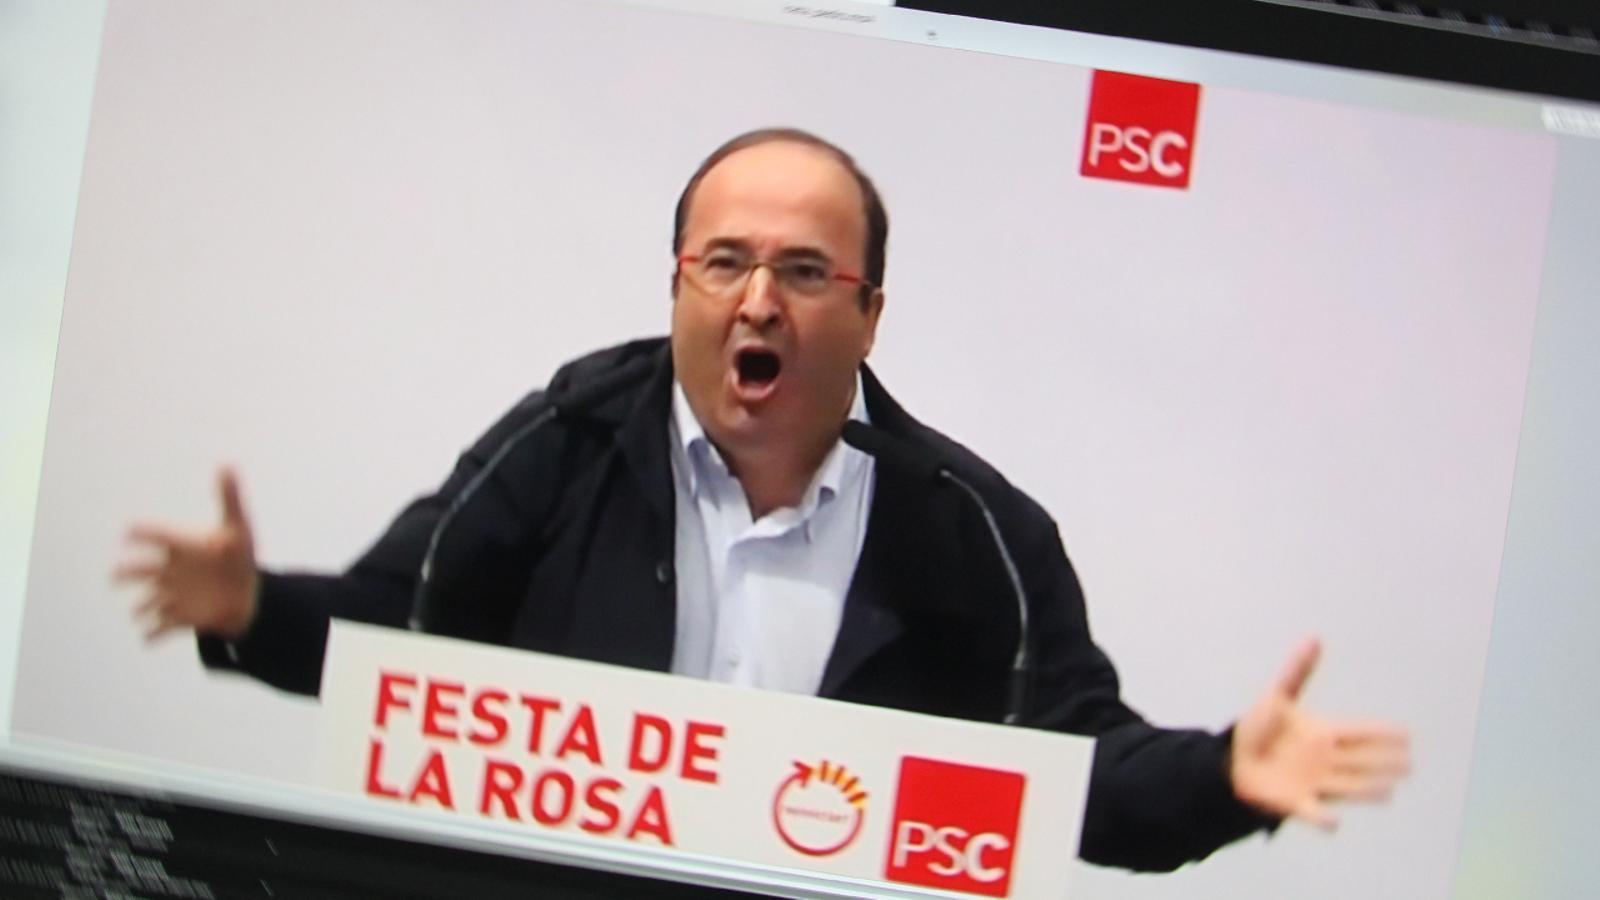 L'anàlisi d'Antoni Bassas: ¡Por Dios, líbranos de Rajoy y del PP!